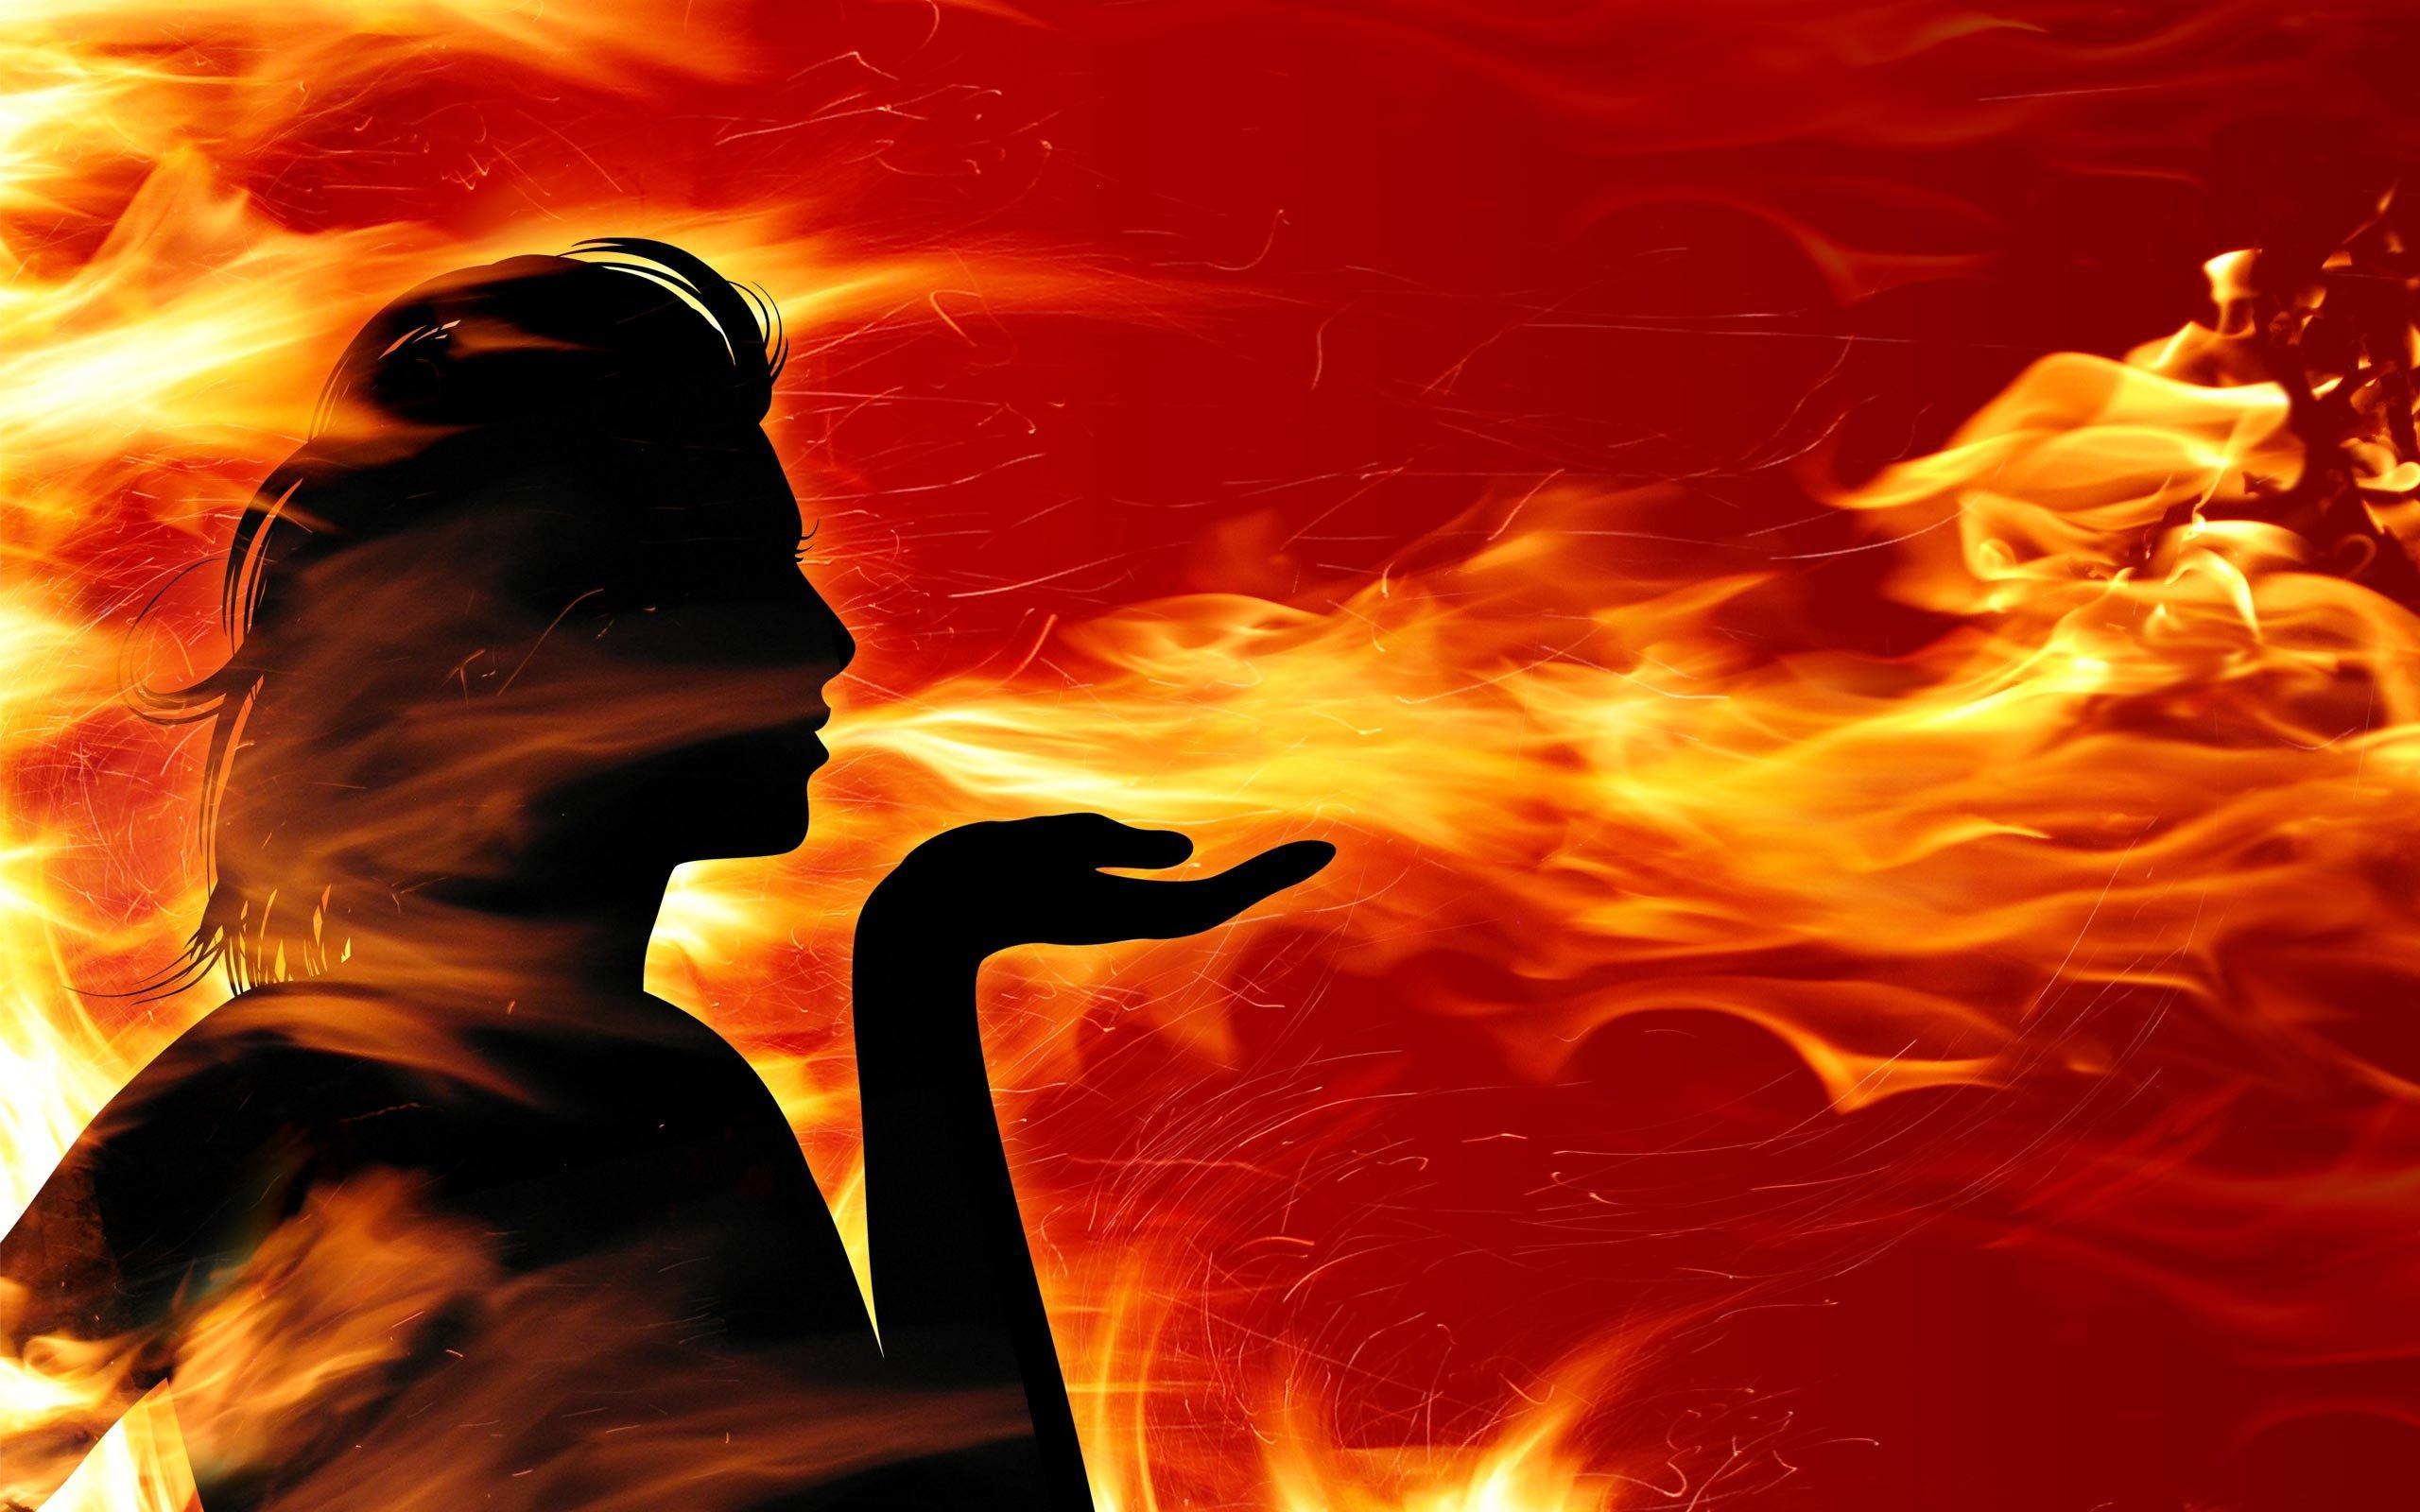 Must see Wallpaper Fire Gold - 8d1ff62574151b0477e59ef3bce7d5dd  Picture_801392 .jpg